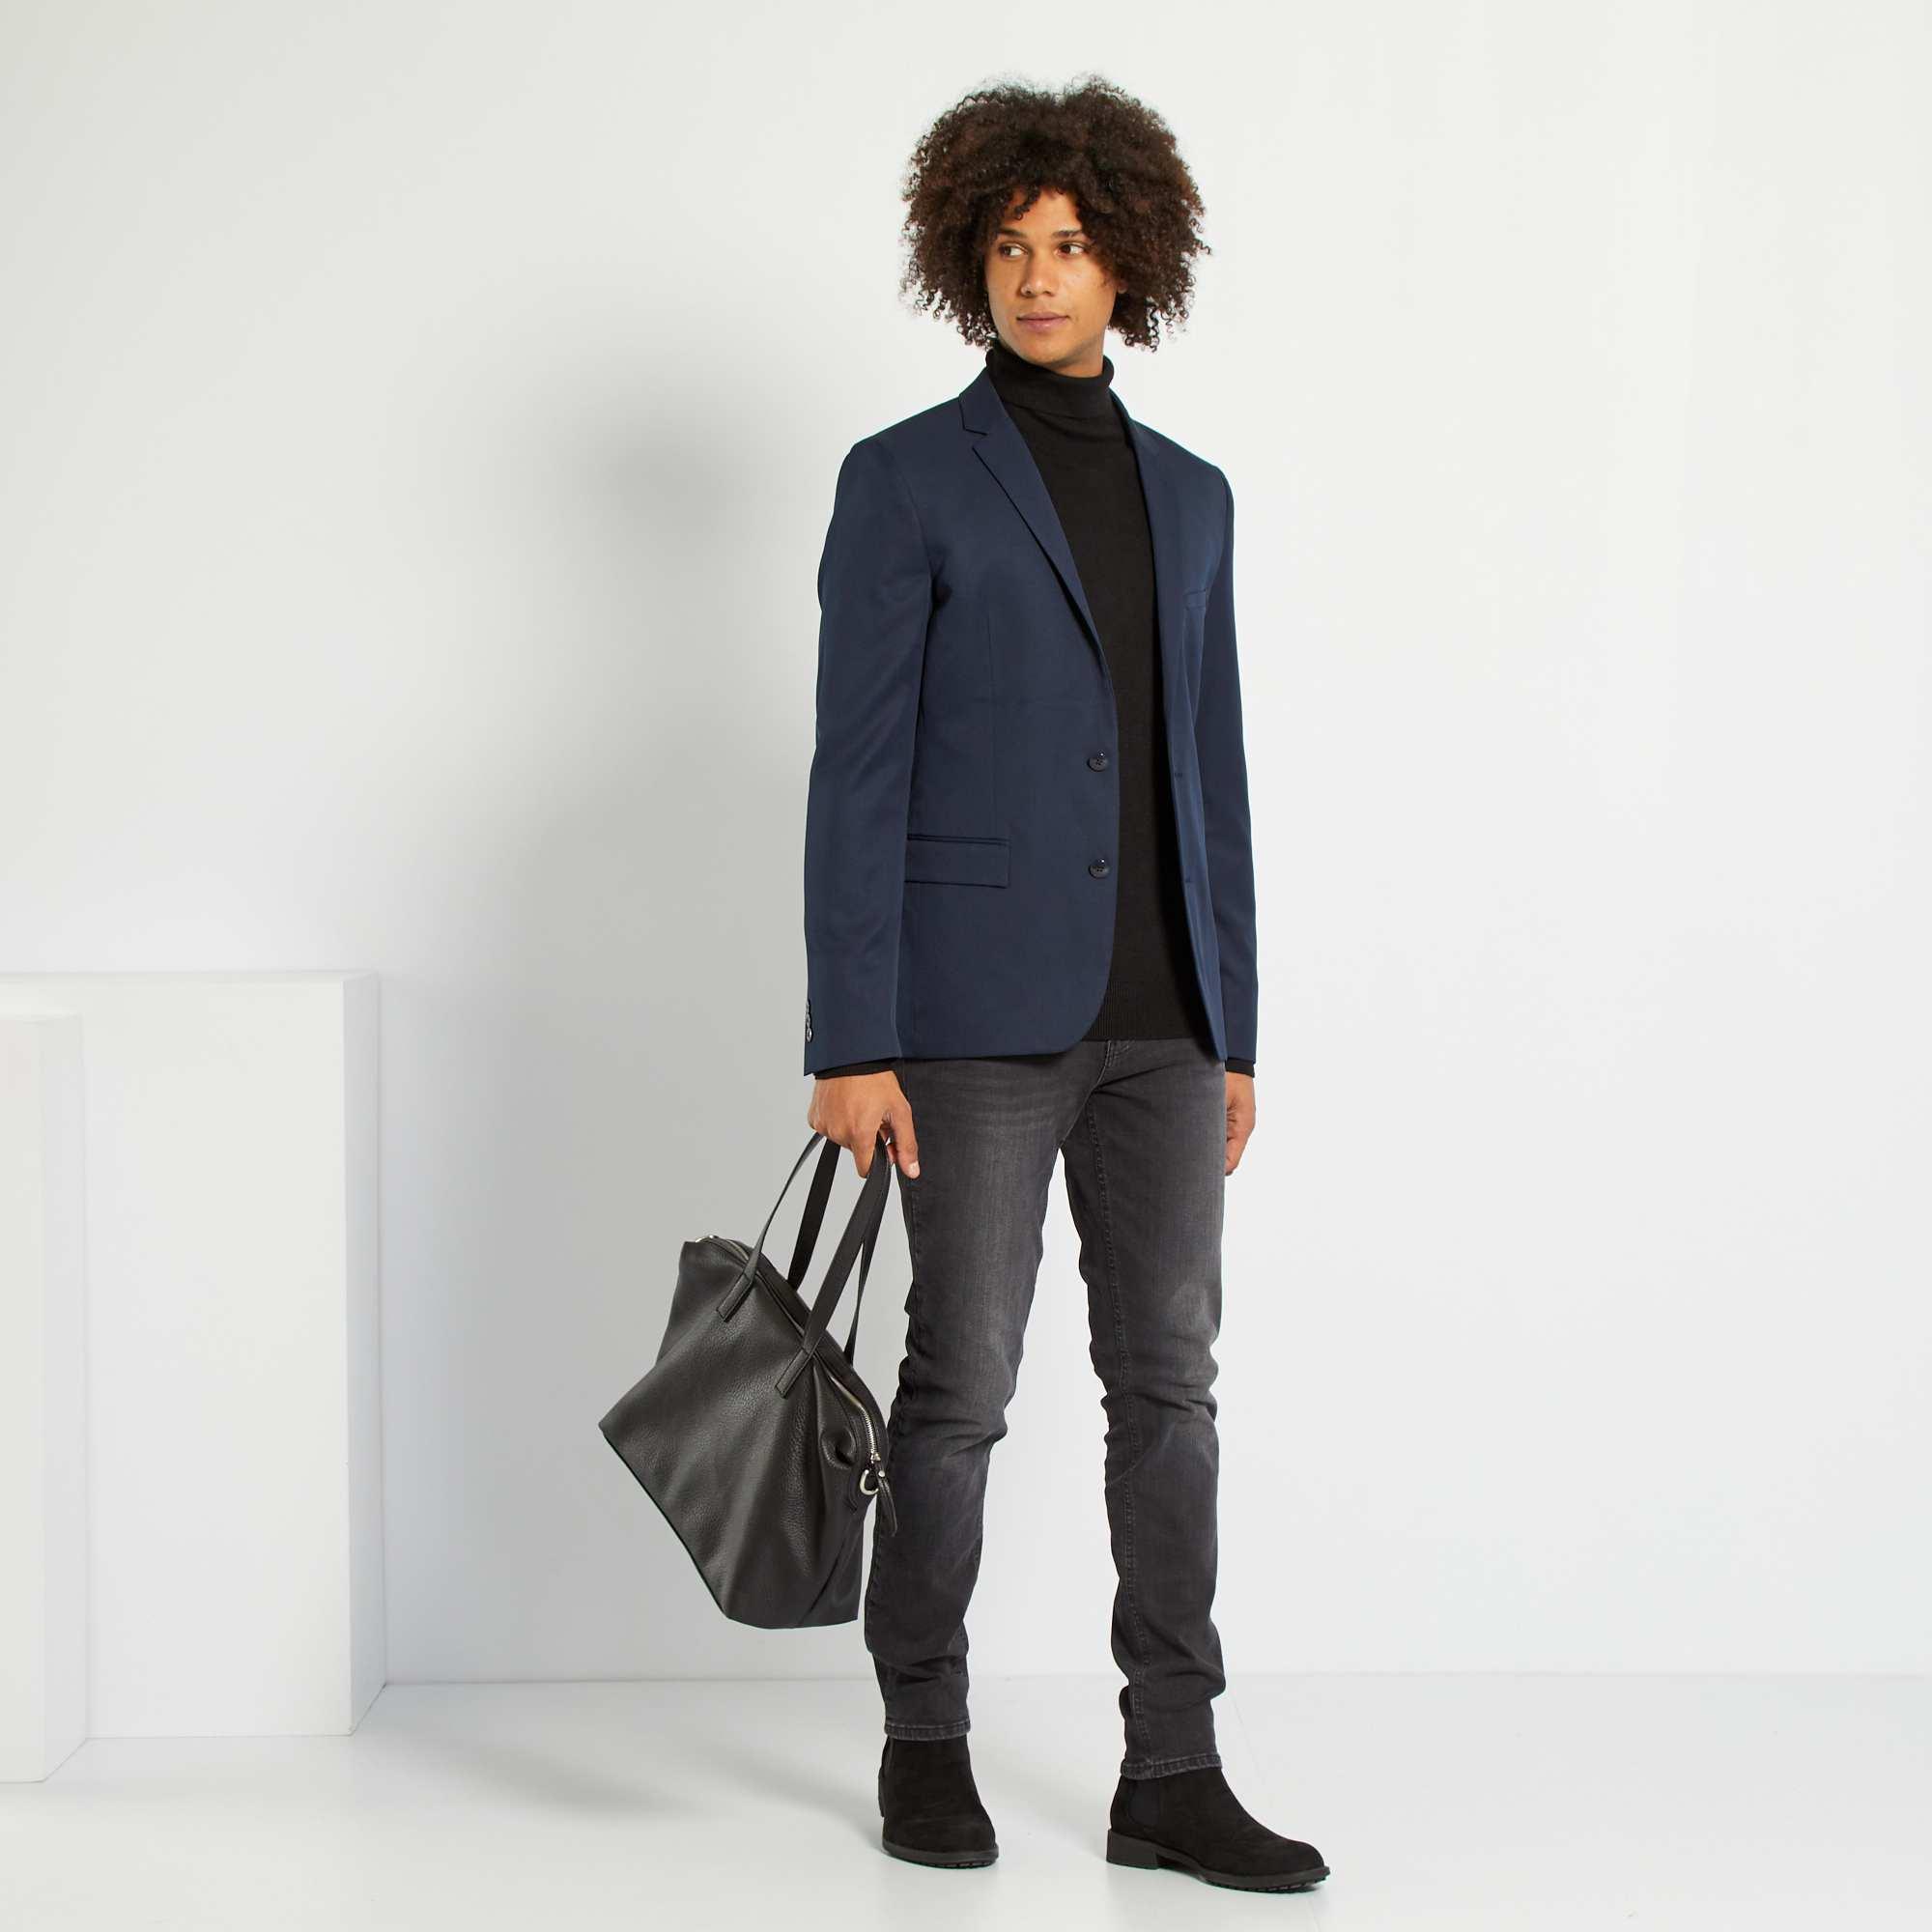 Couleur : noir, bleu marine, bleu,, - Taille : 54, 52, 50,48,46Un look chic à petit prix pour les grandes occasions. - Slim fit / Coupe ajustée -